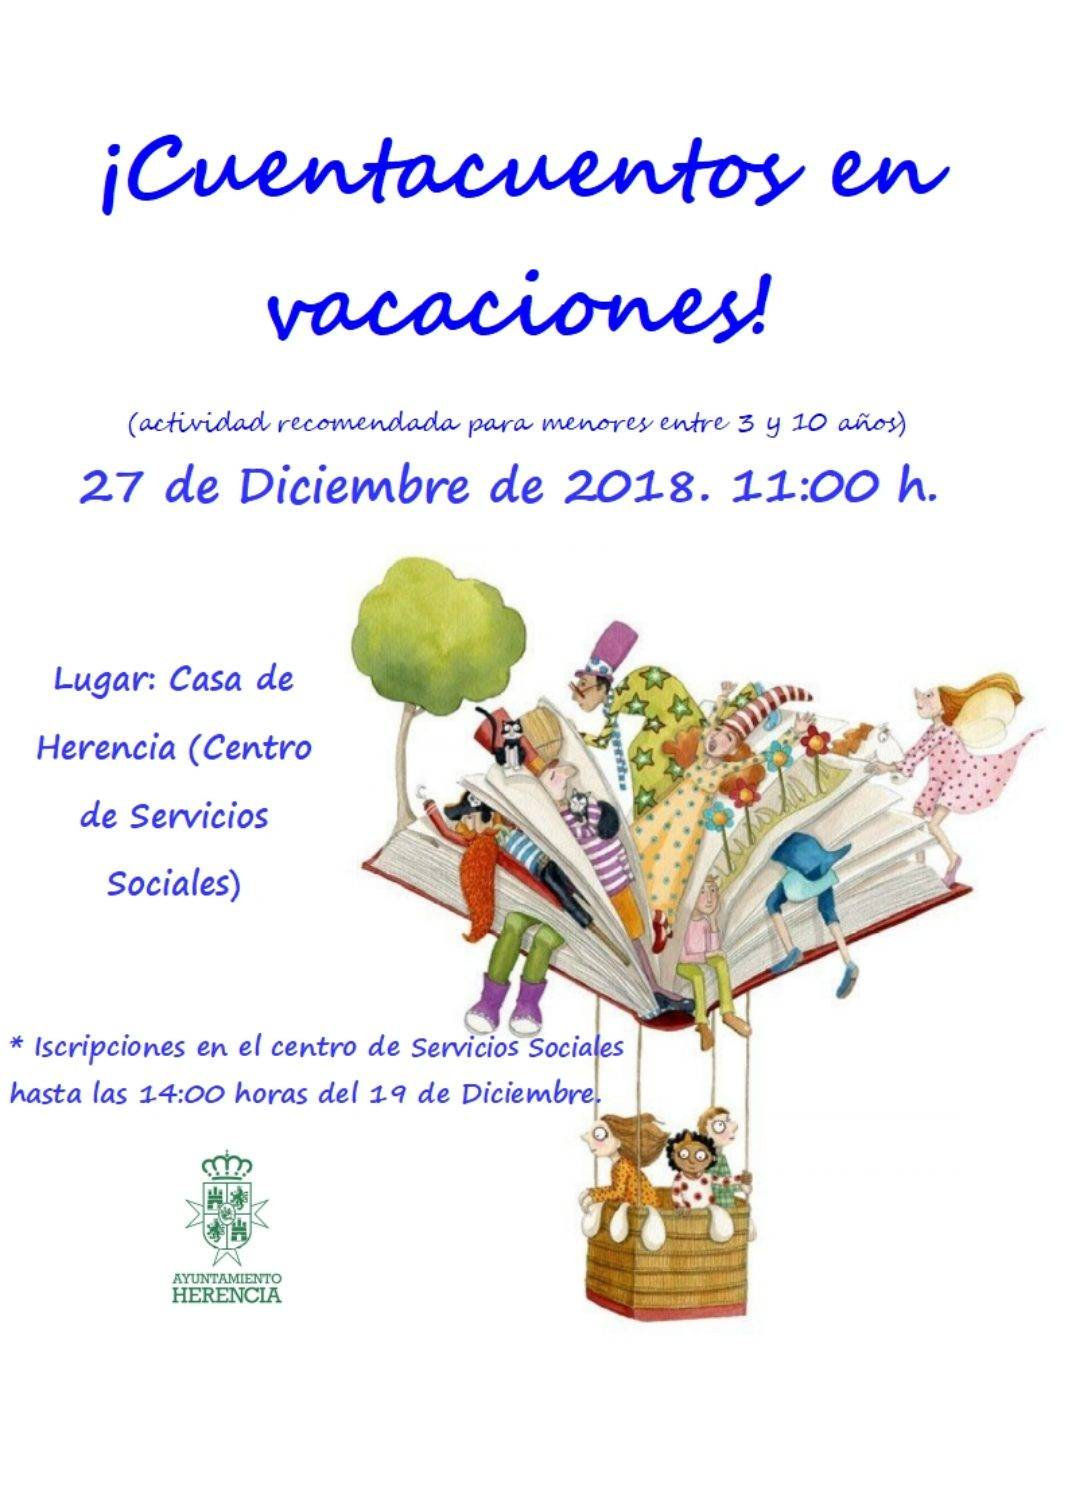 Cuentacuentos en la Casa de Herencia el 27 de diciembre 4